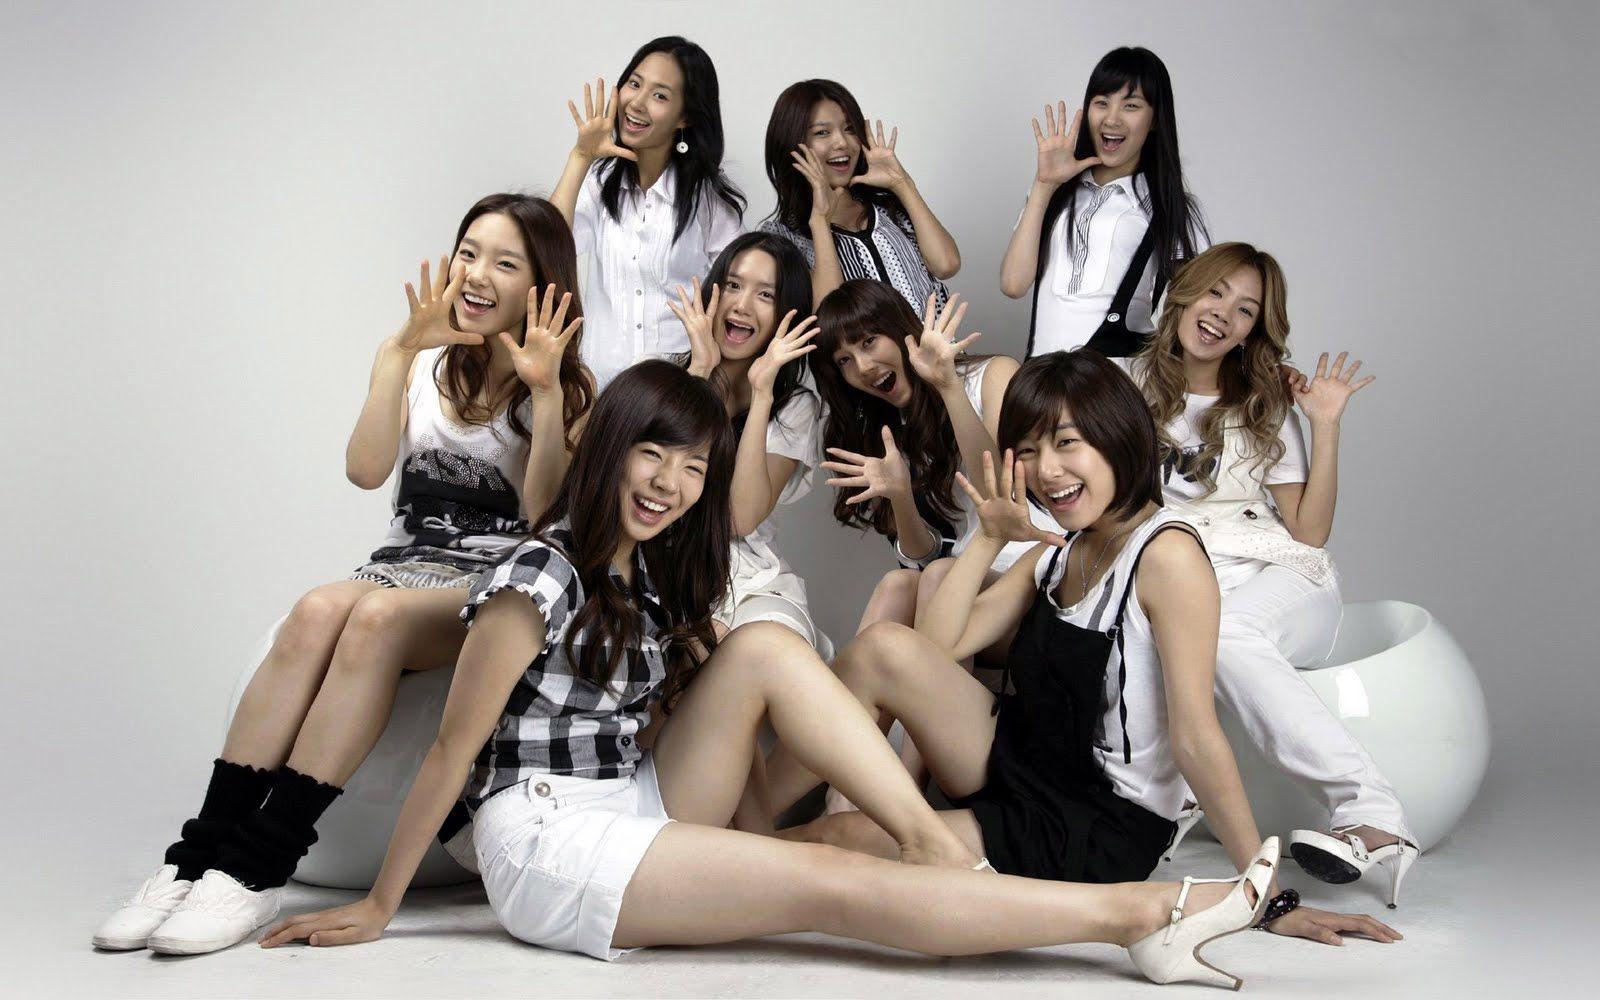 """Vì sao netizen tin rằng nếu đội hình 2007 của SNSD có debut lại thì vẫn đủ sức """"hất cẳng"""" các girlgroup thế hệ mới? - Ảnh 1."""